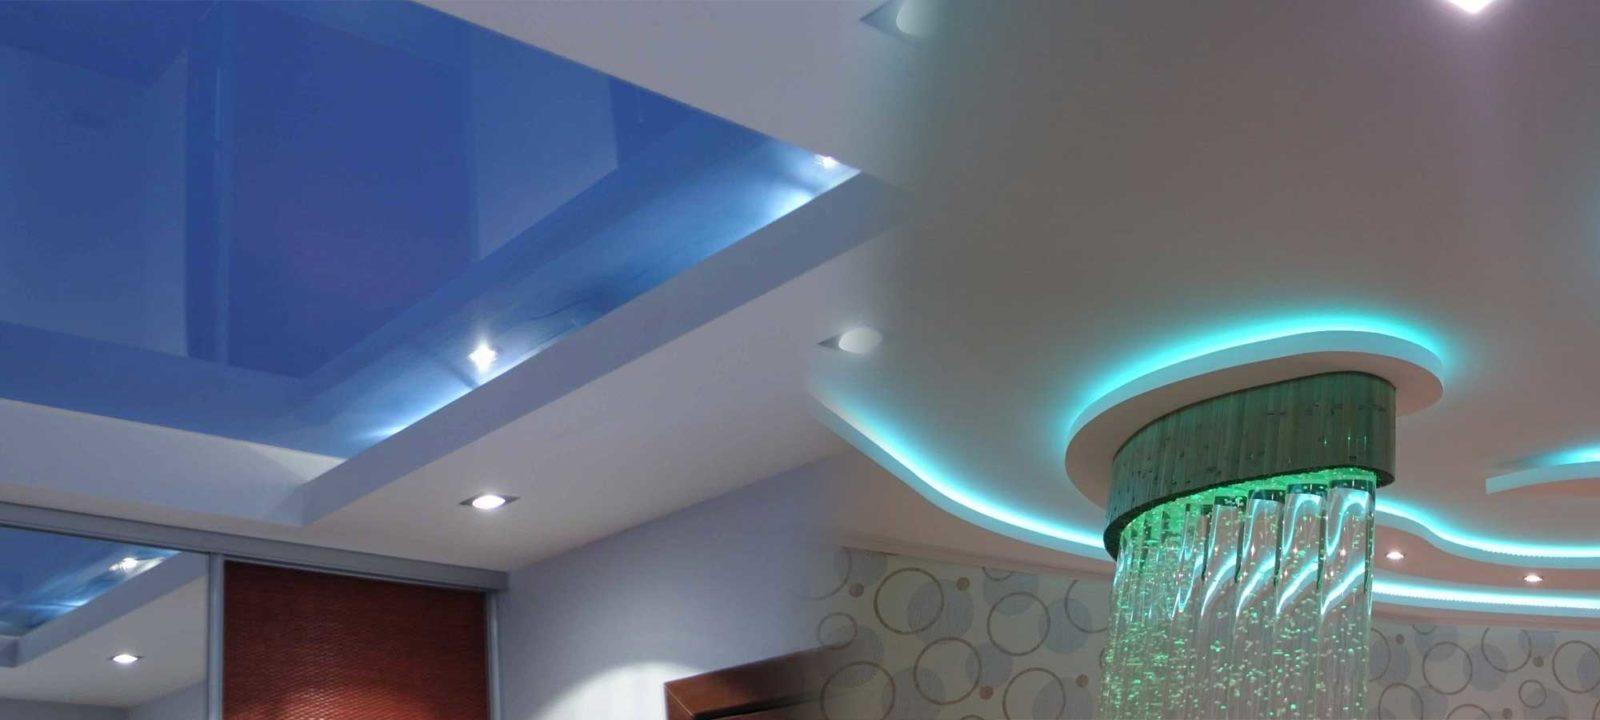 Комплексный ремонт квартир в Краснодаре: потолки по дизайн проекту